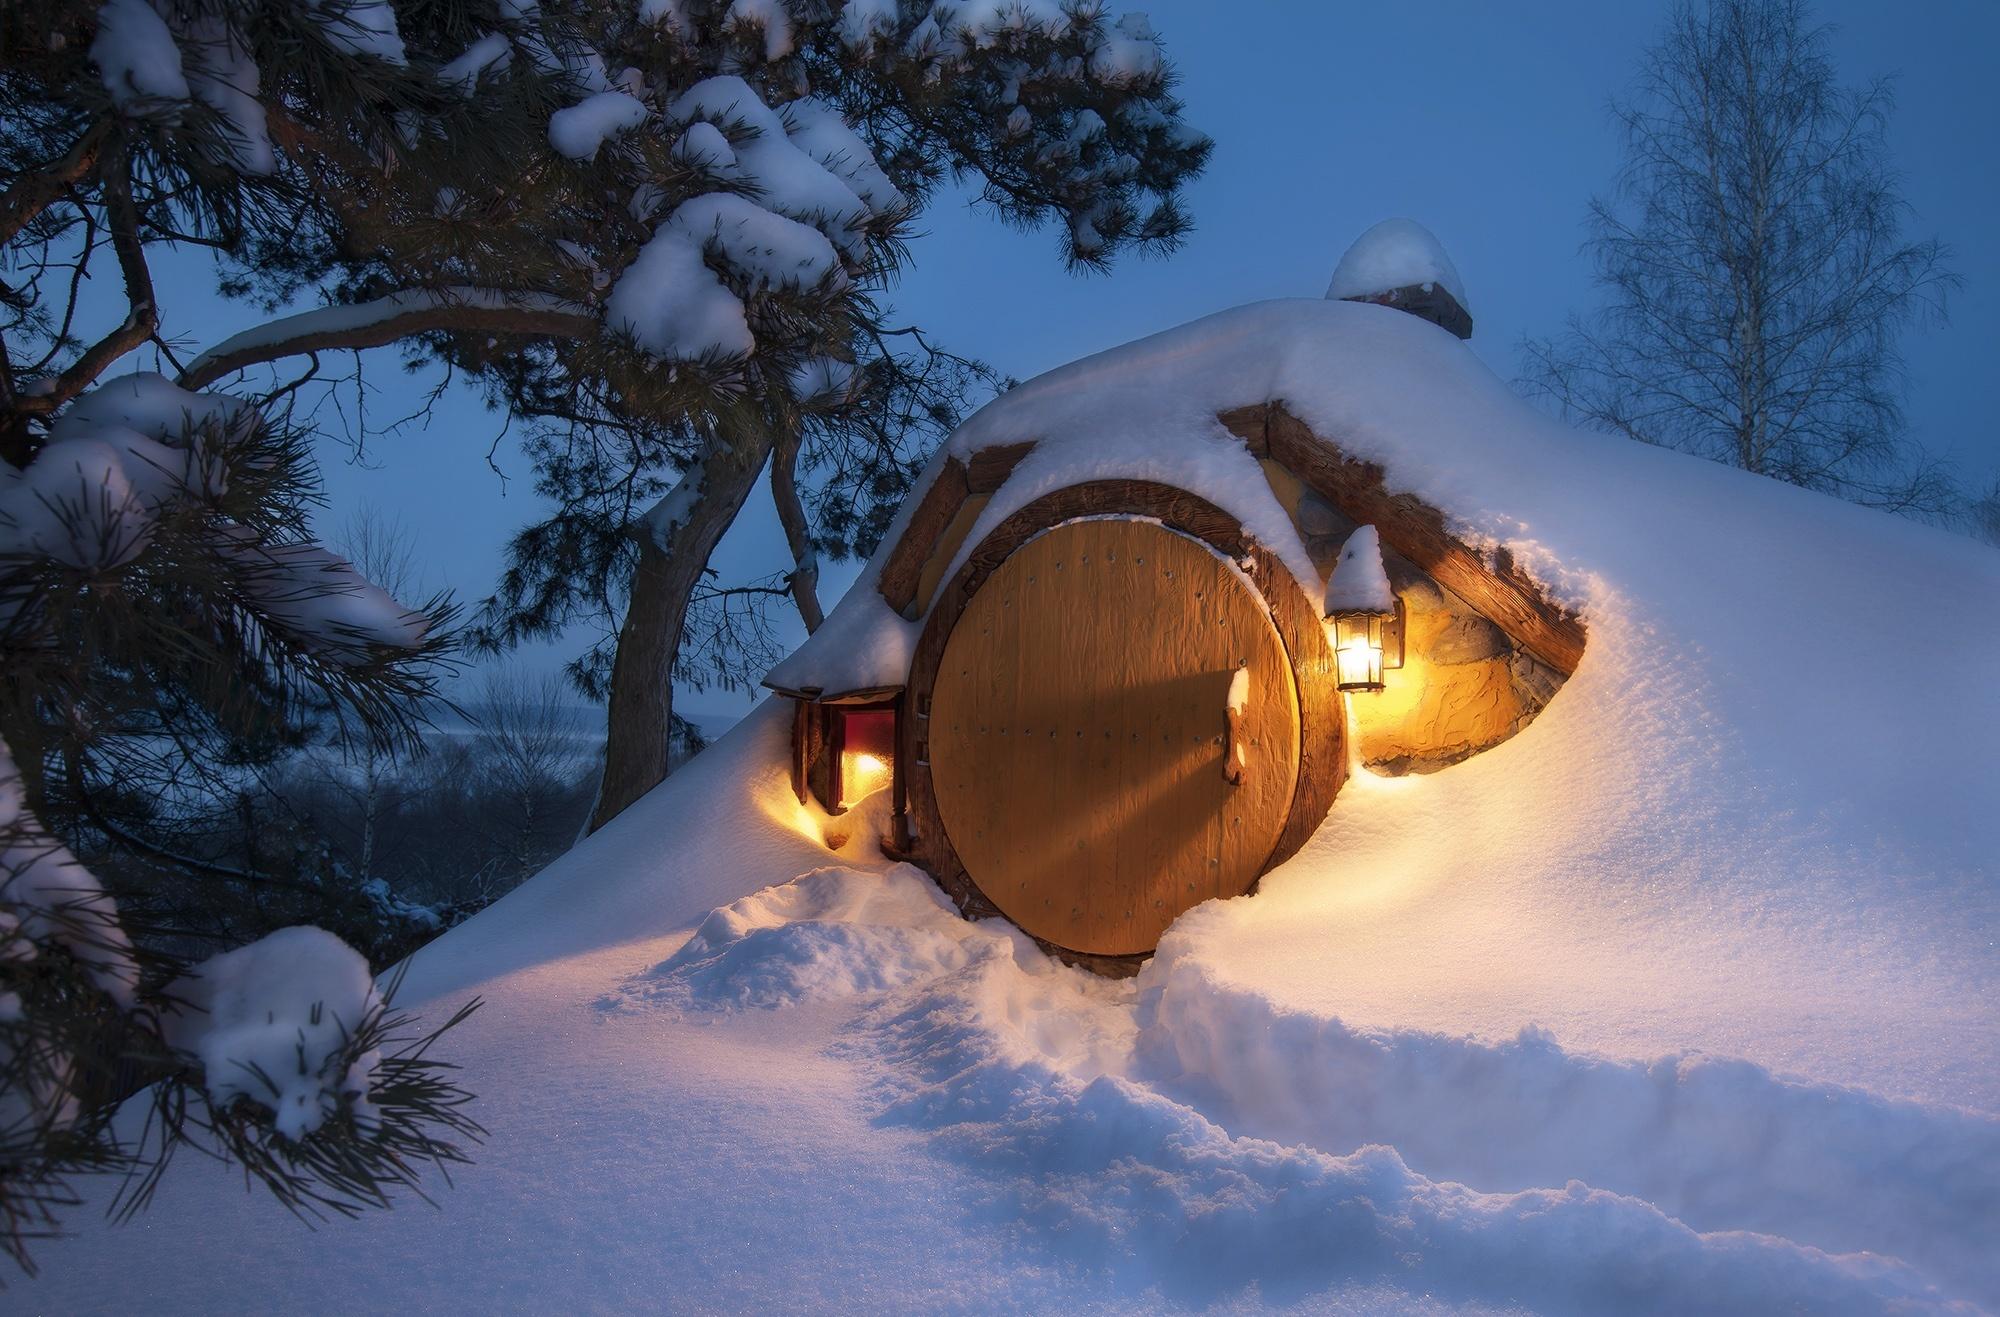 лопнут все фото домик под снегом видео отличной